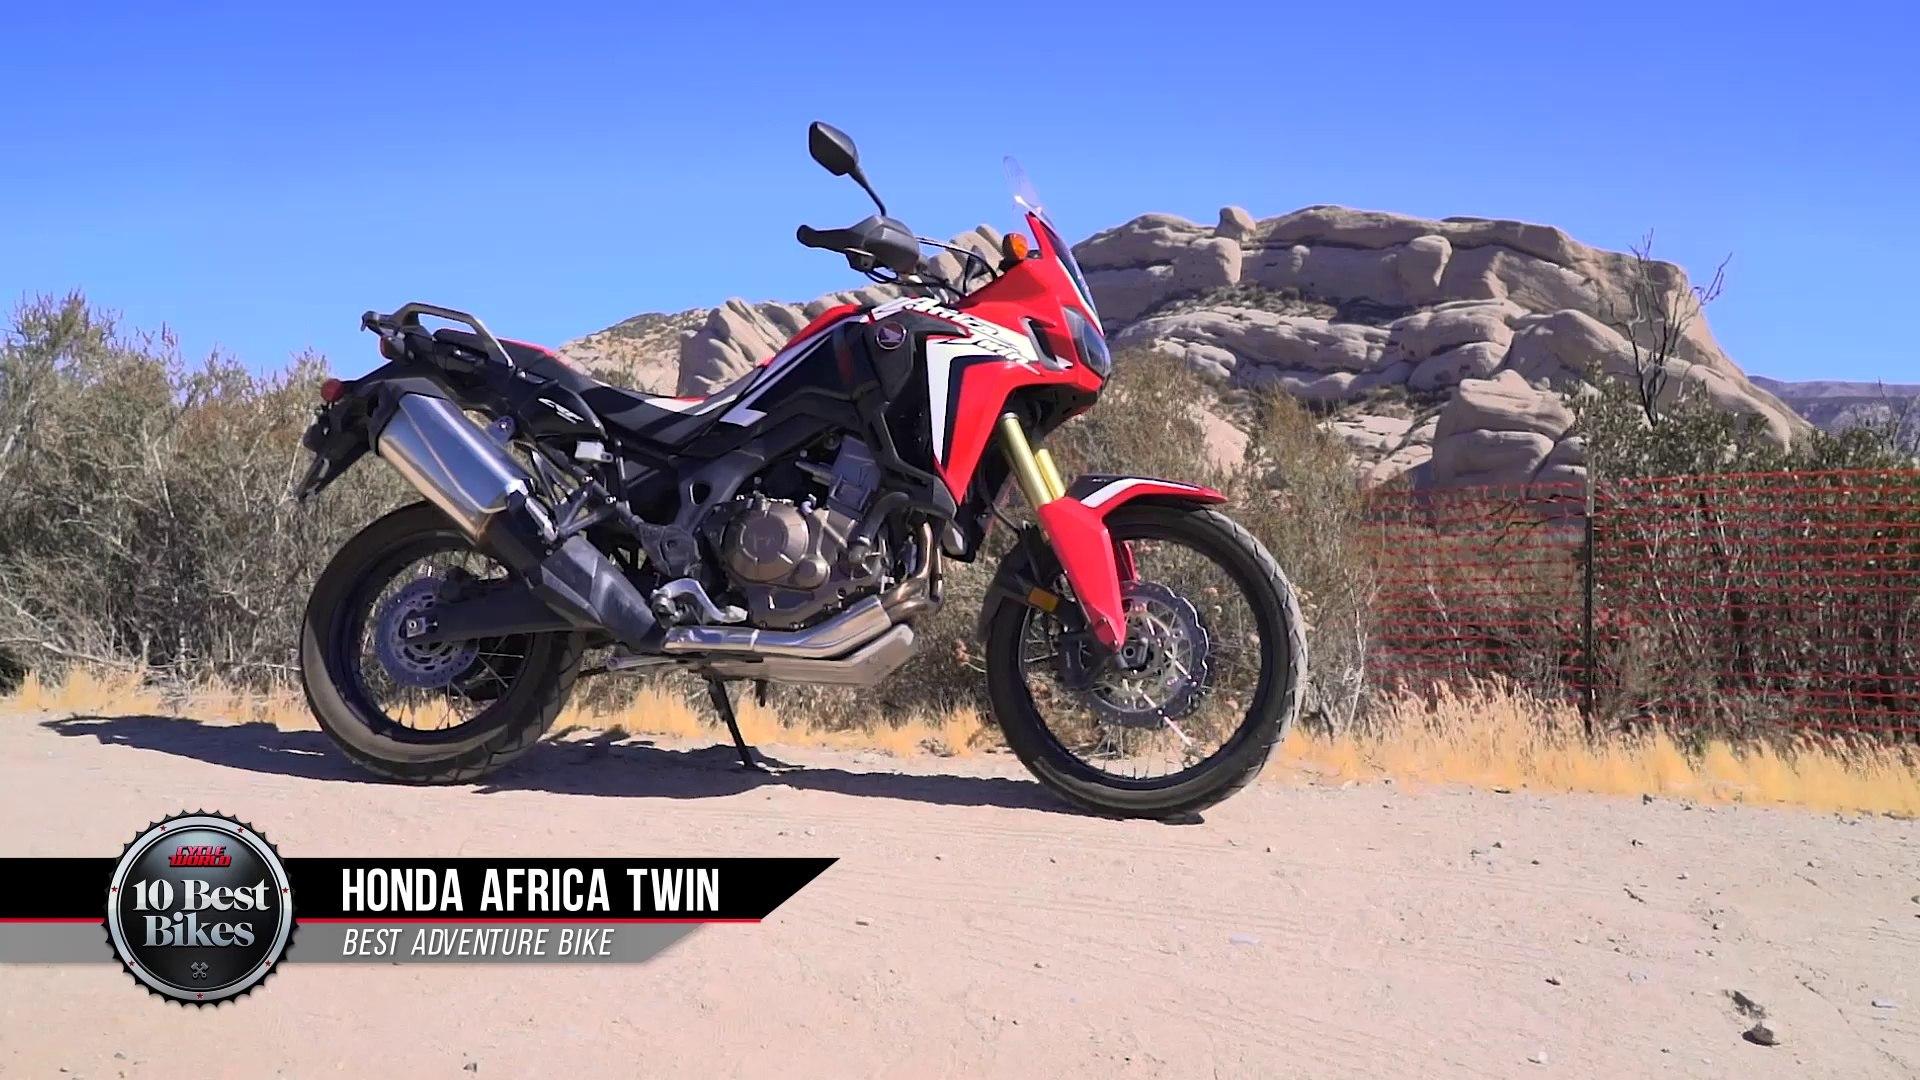 2016 Best Adventure Bike Honda Crf1000l Africa Twin